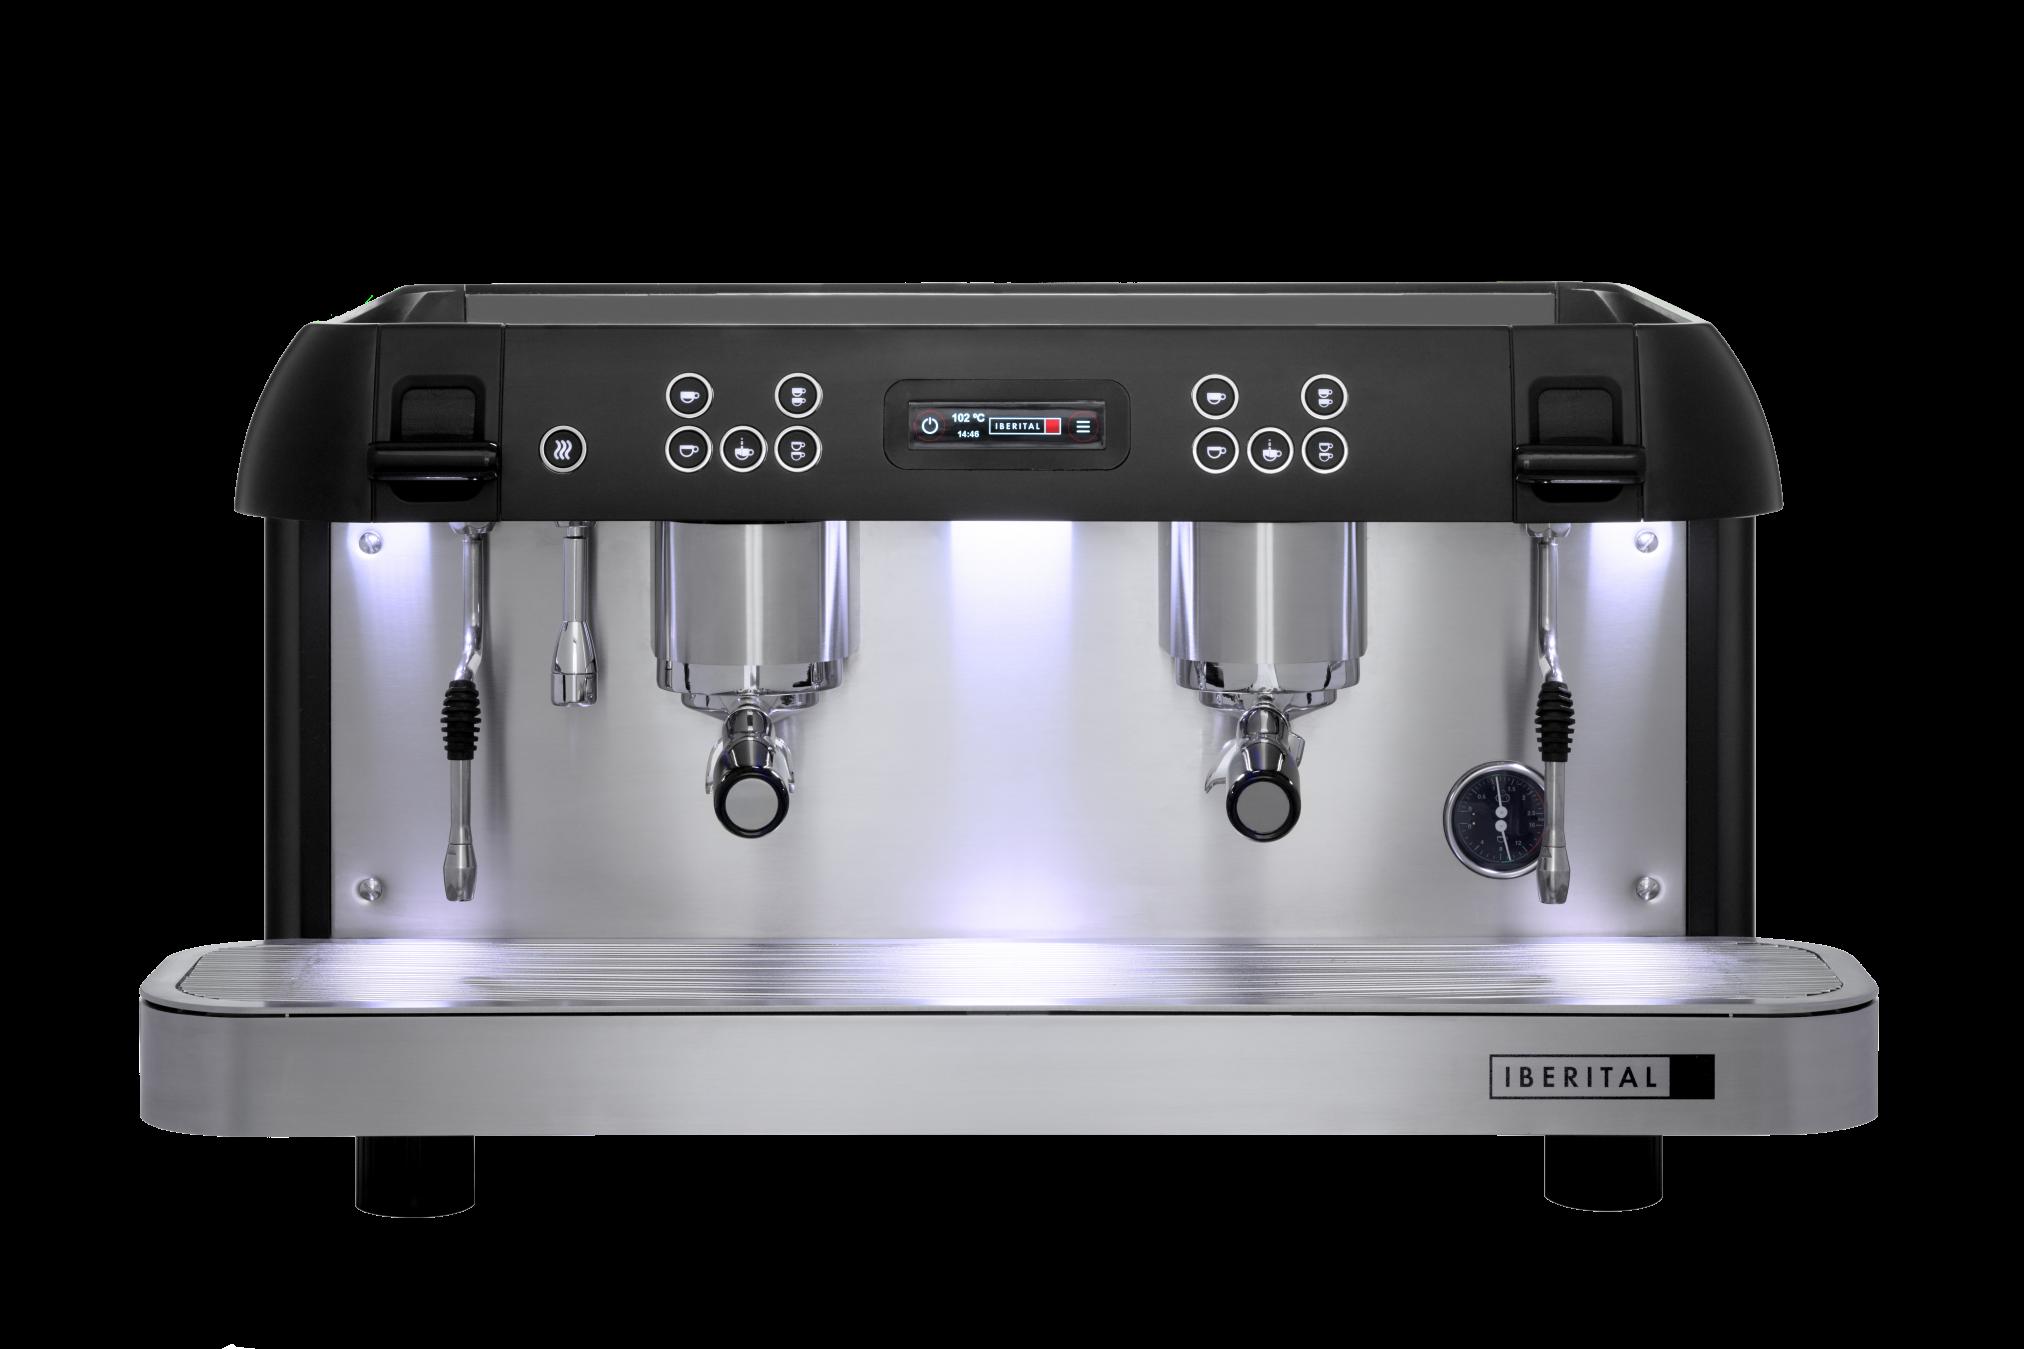 Профессиональные кофемашины и кофемолки - Iberital Expression Pro